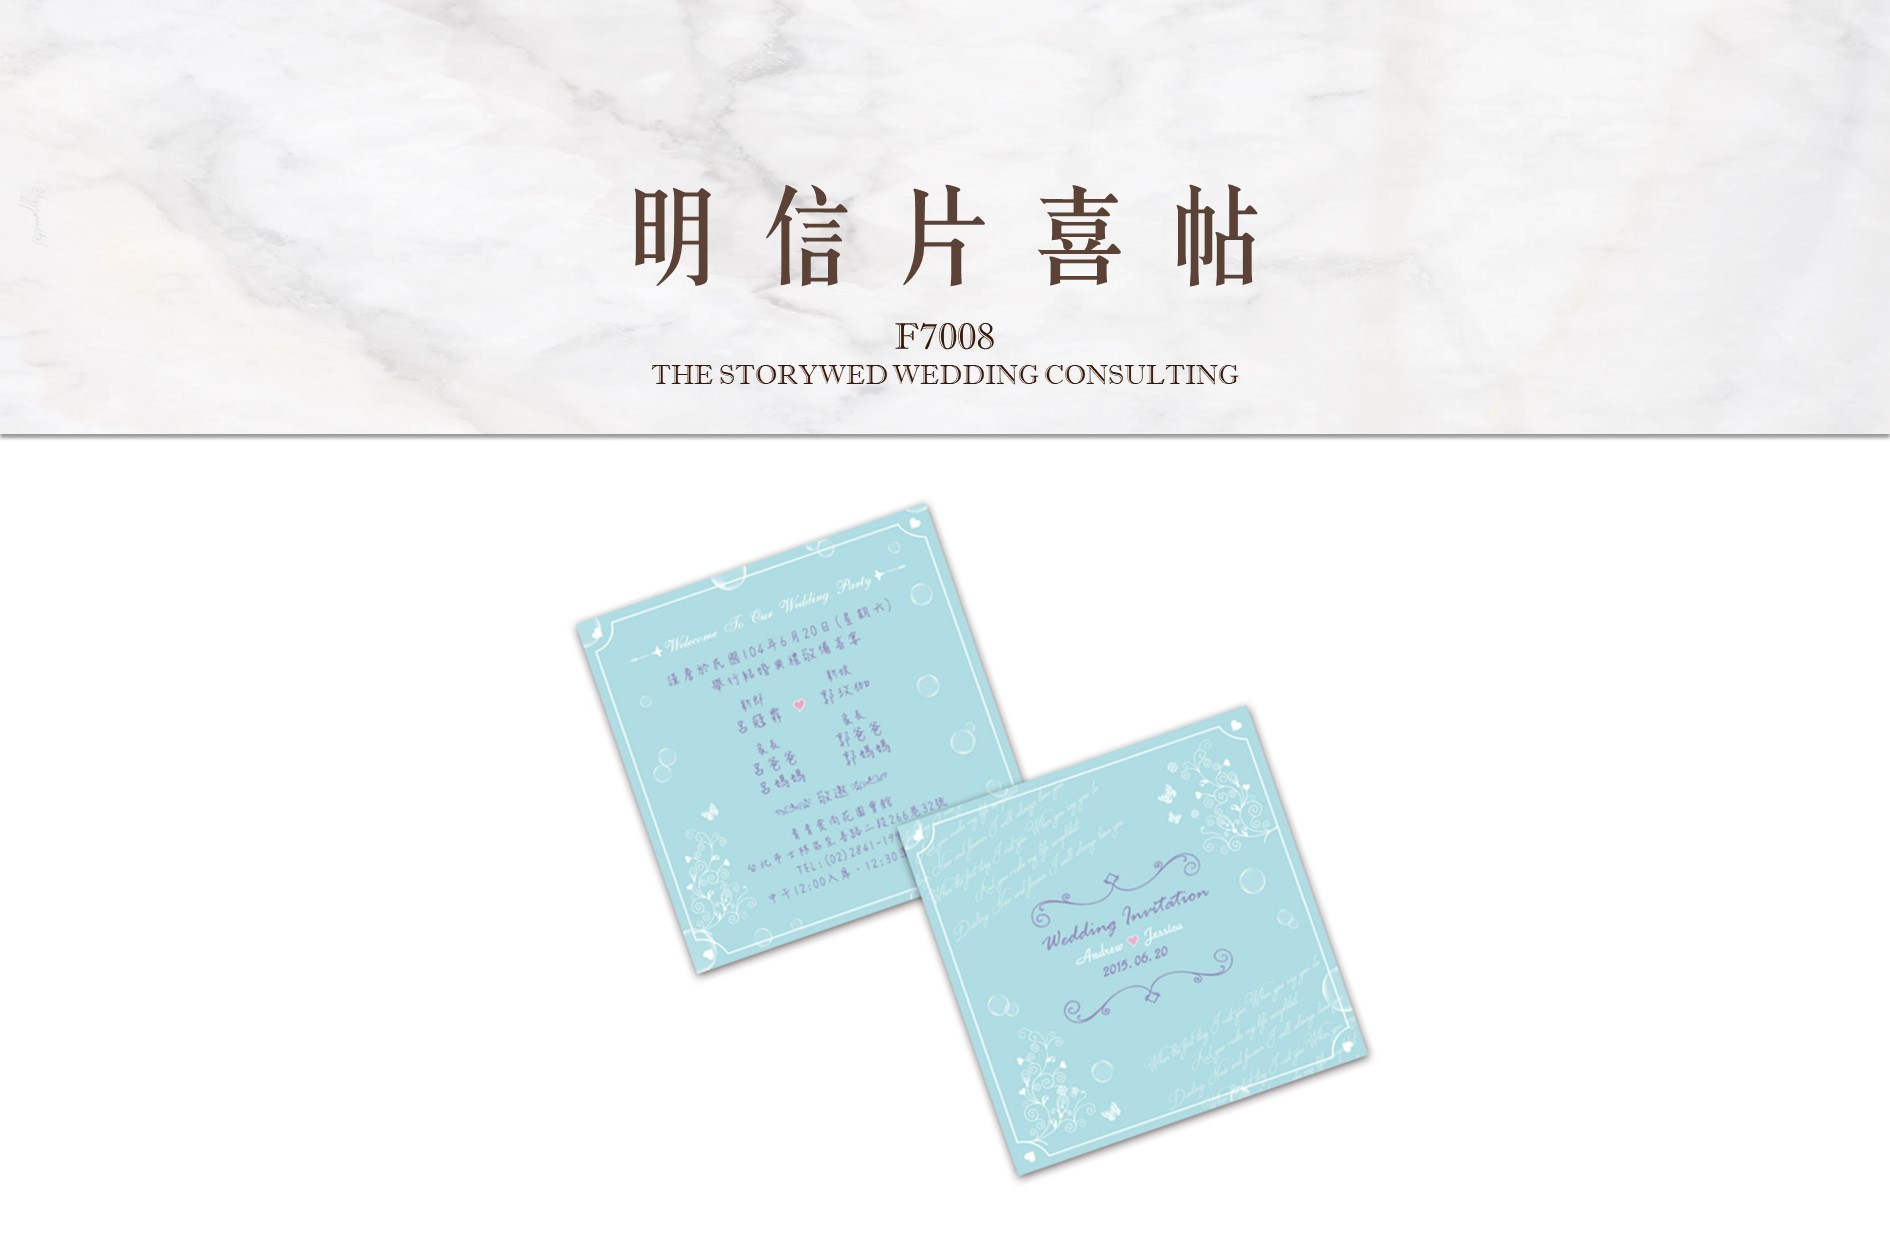 〖婚卡喜帖〗明信片喜帖 F7008